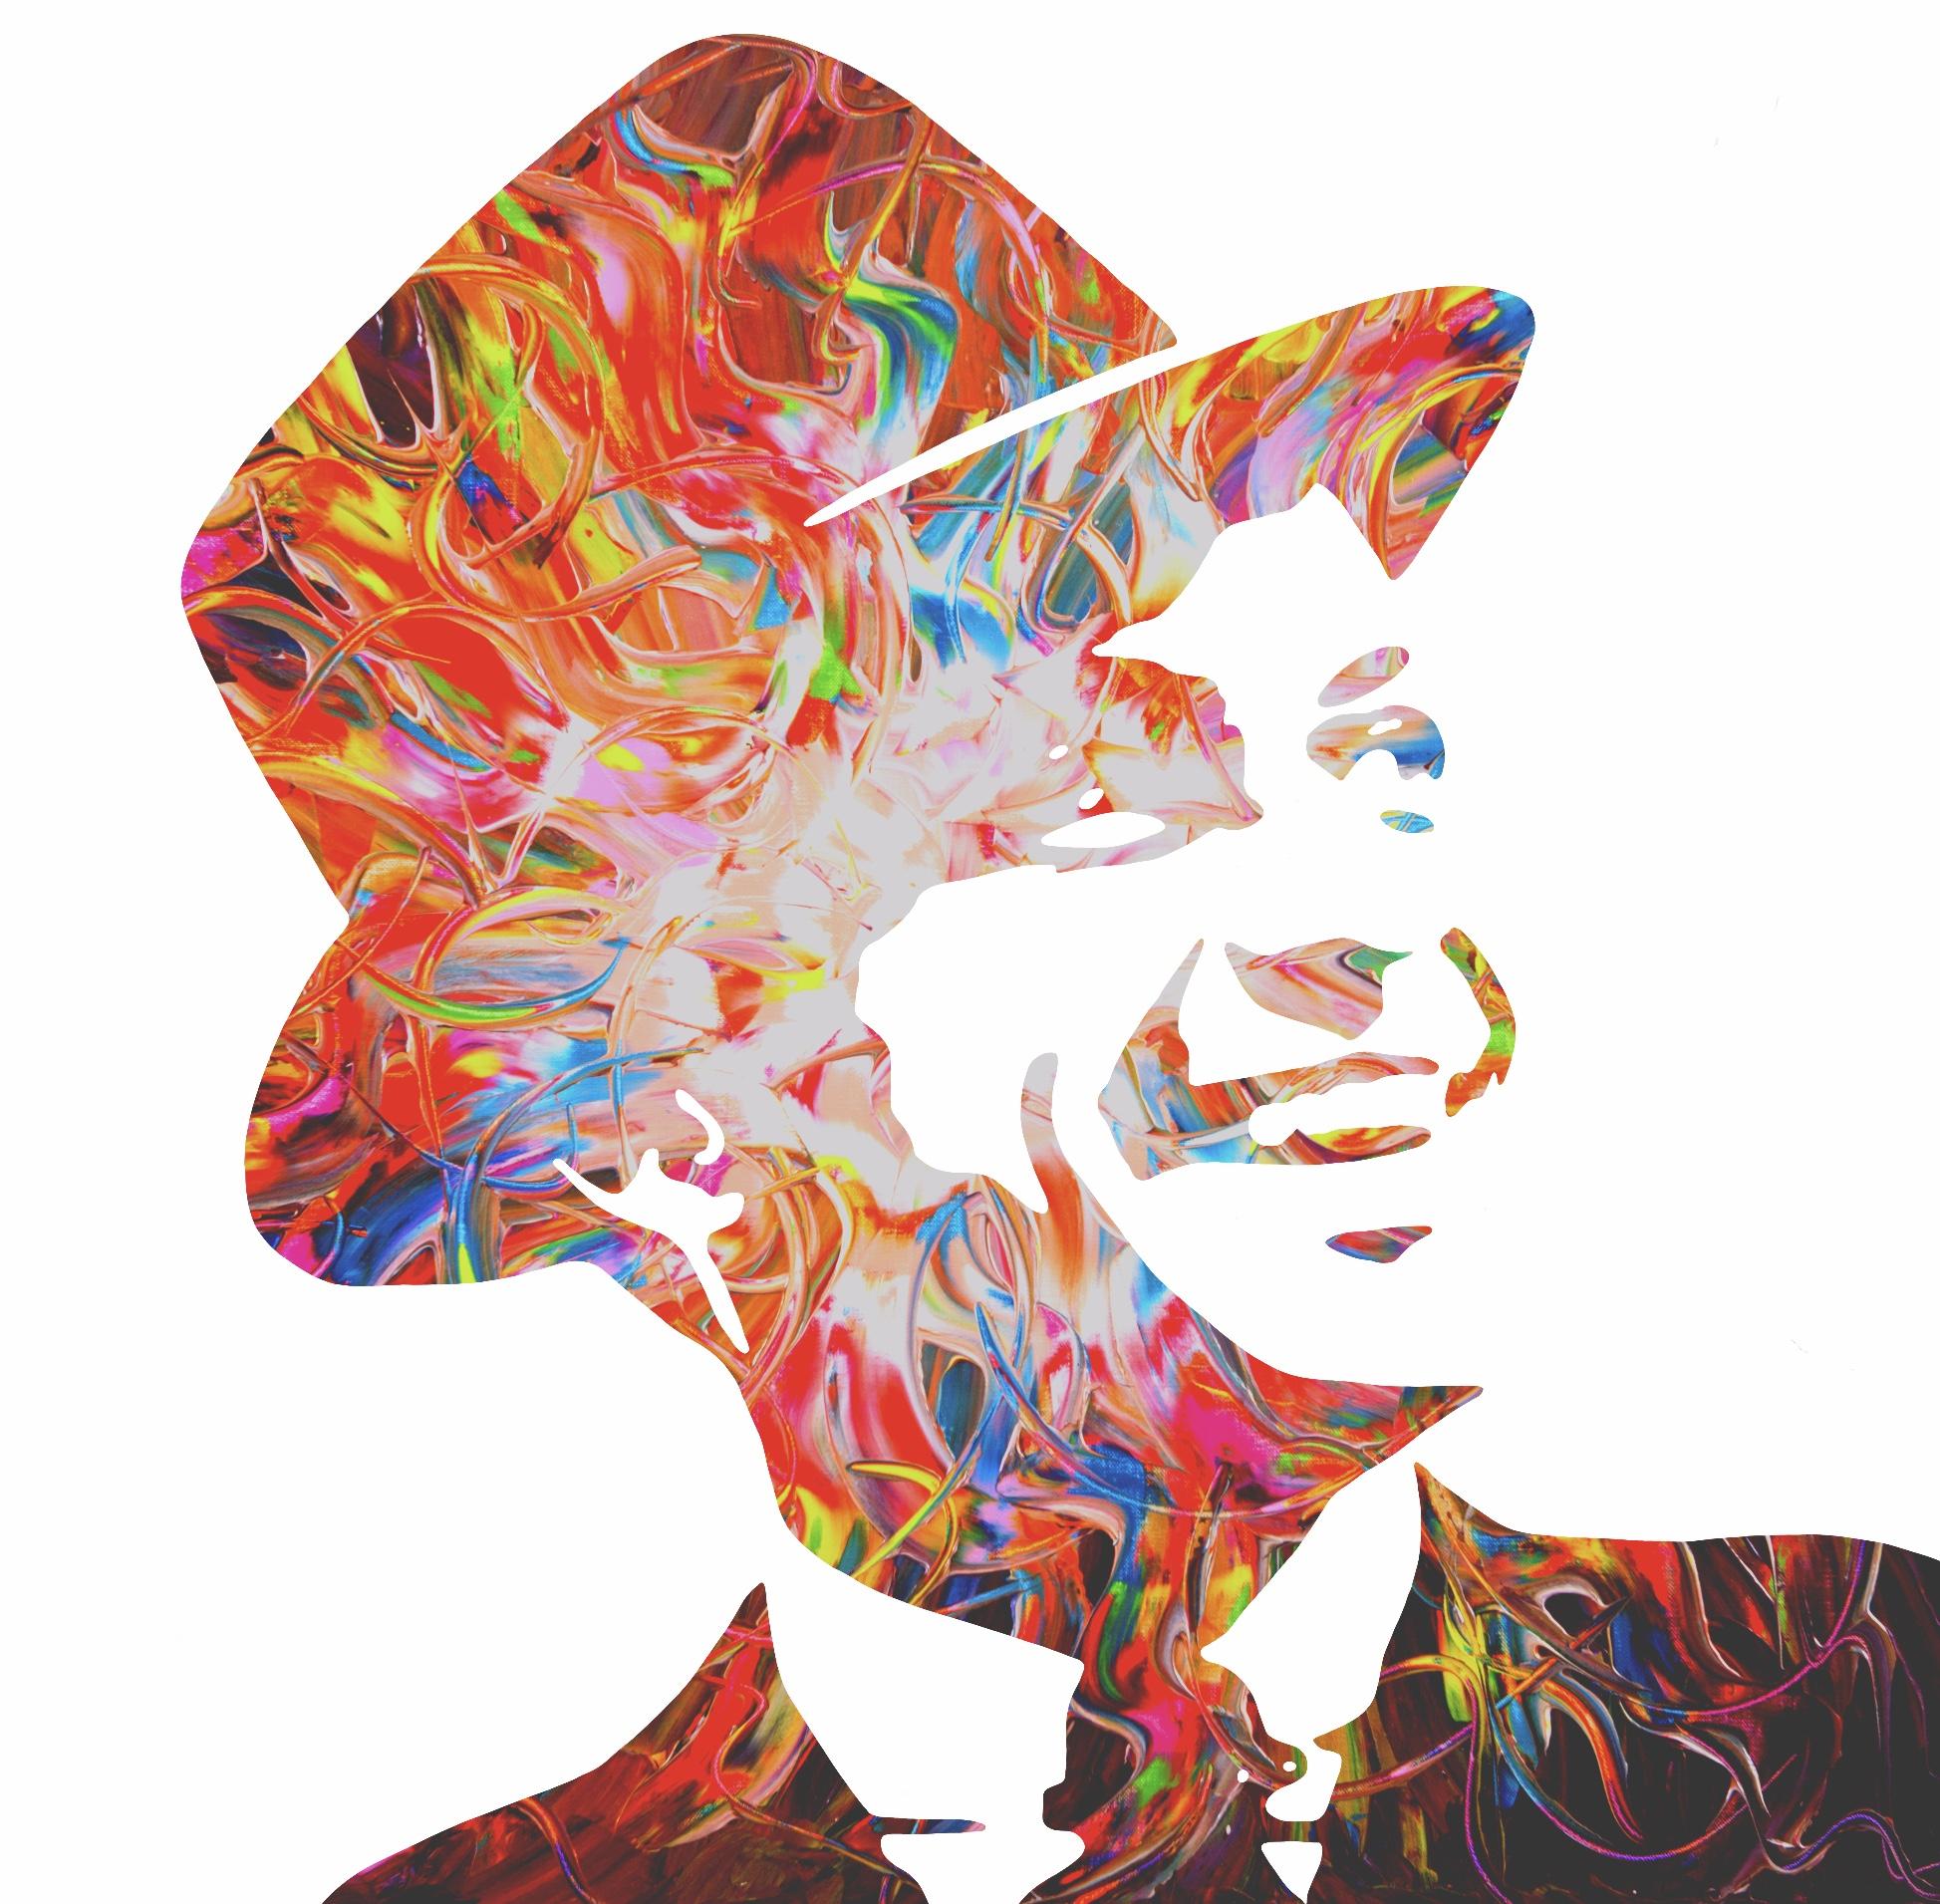 Sinatra by Lysa